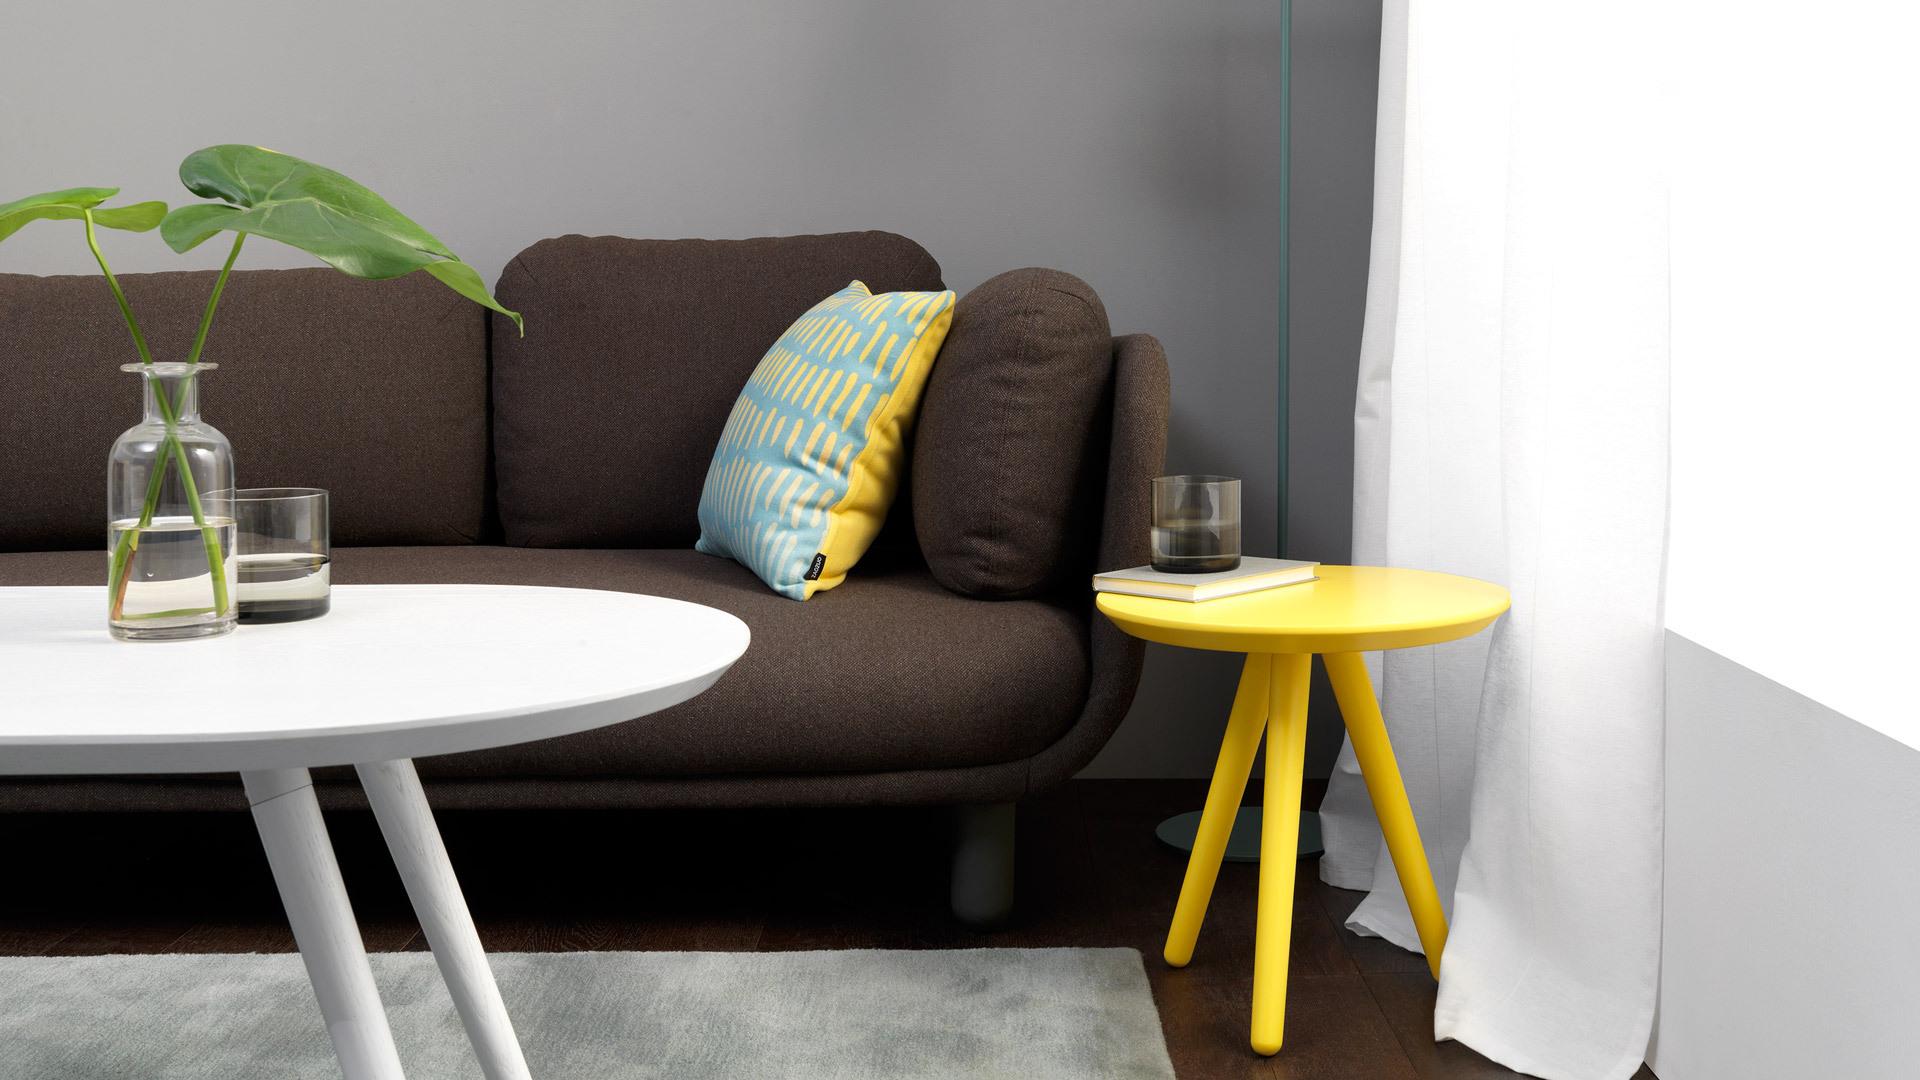 不层叠的单独使用,为开放式客厅增加随处移动的茶几,饱和的用色,围坐出三五好友的明媚心情。